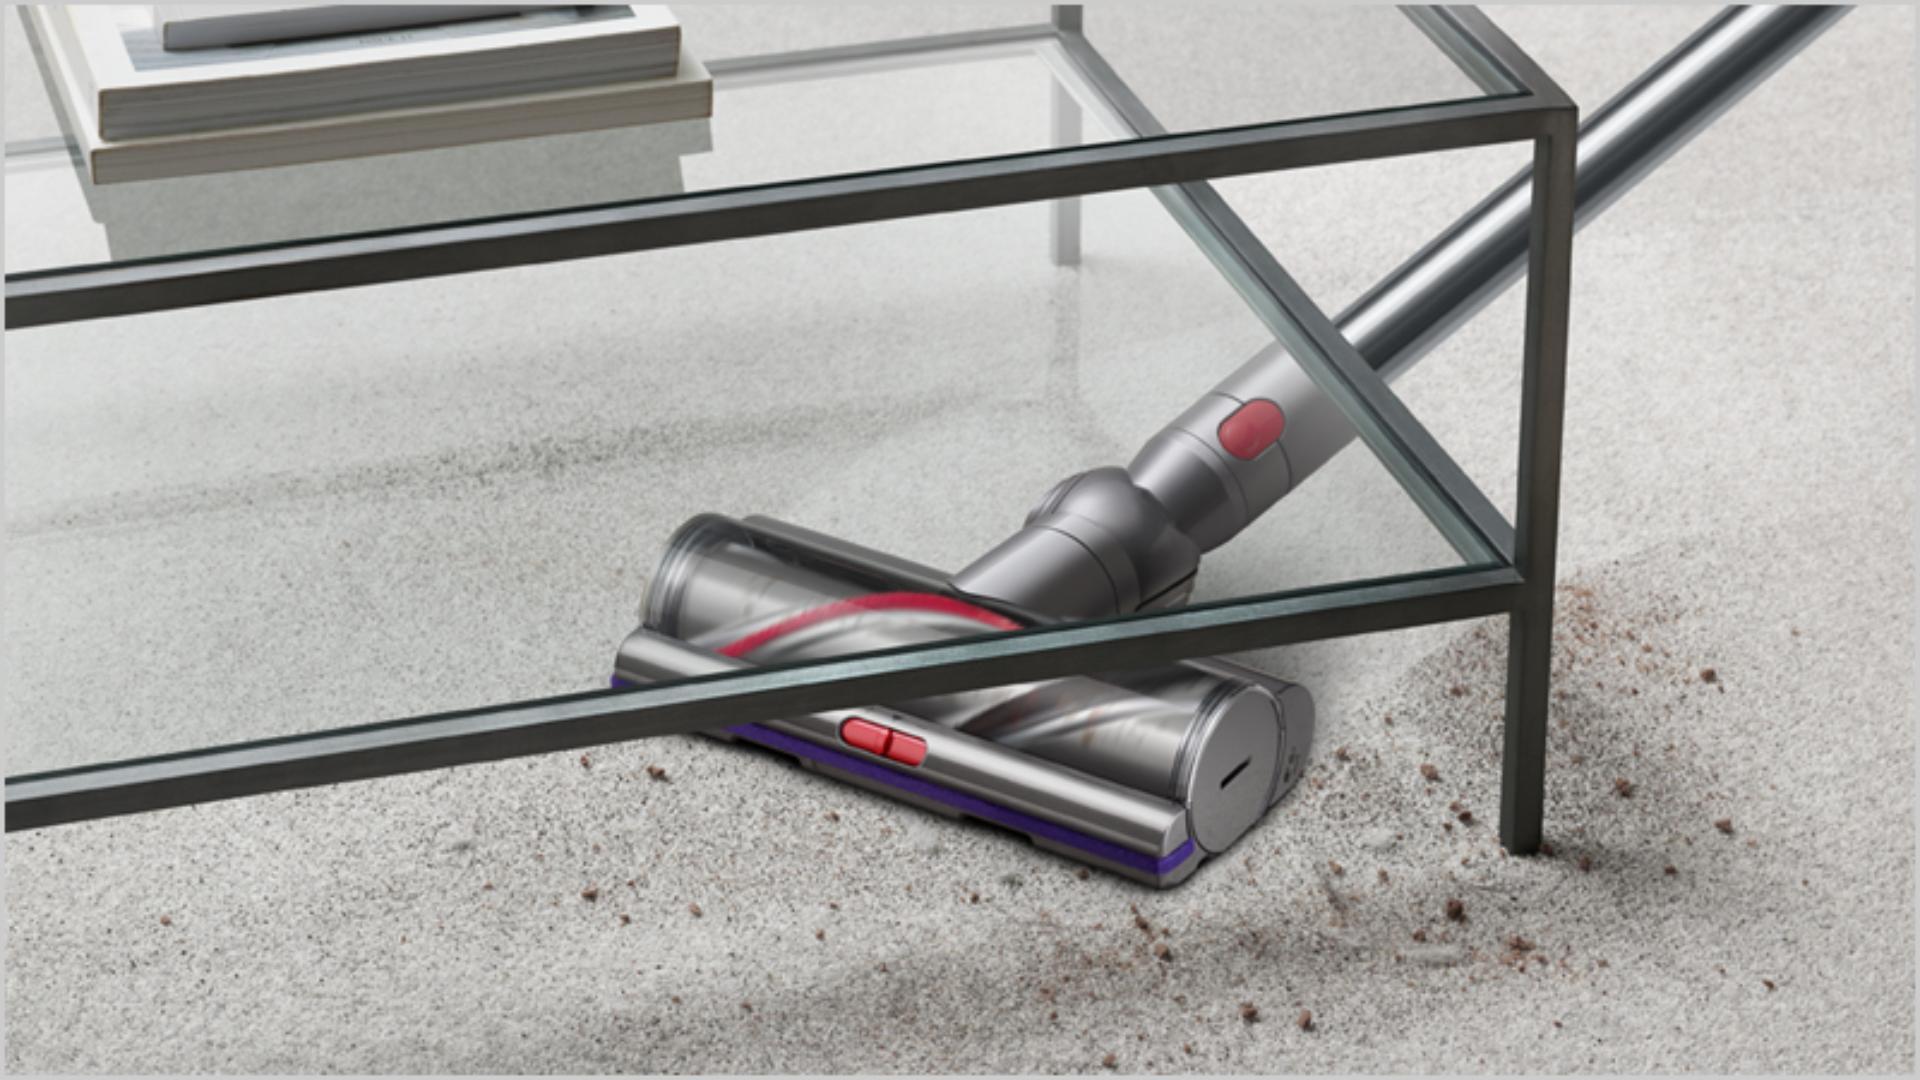 바닥을 청소하는 다이슨 V15 디텍트 무선 청소기